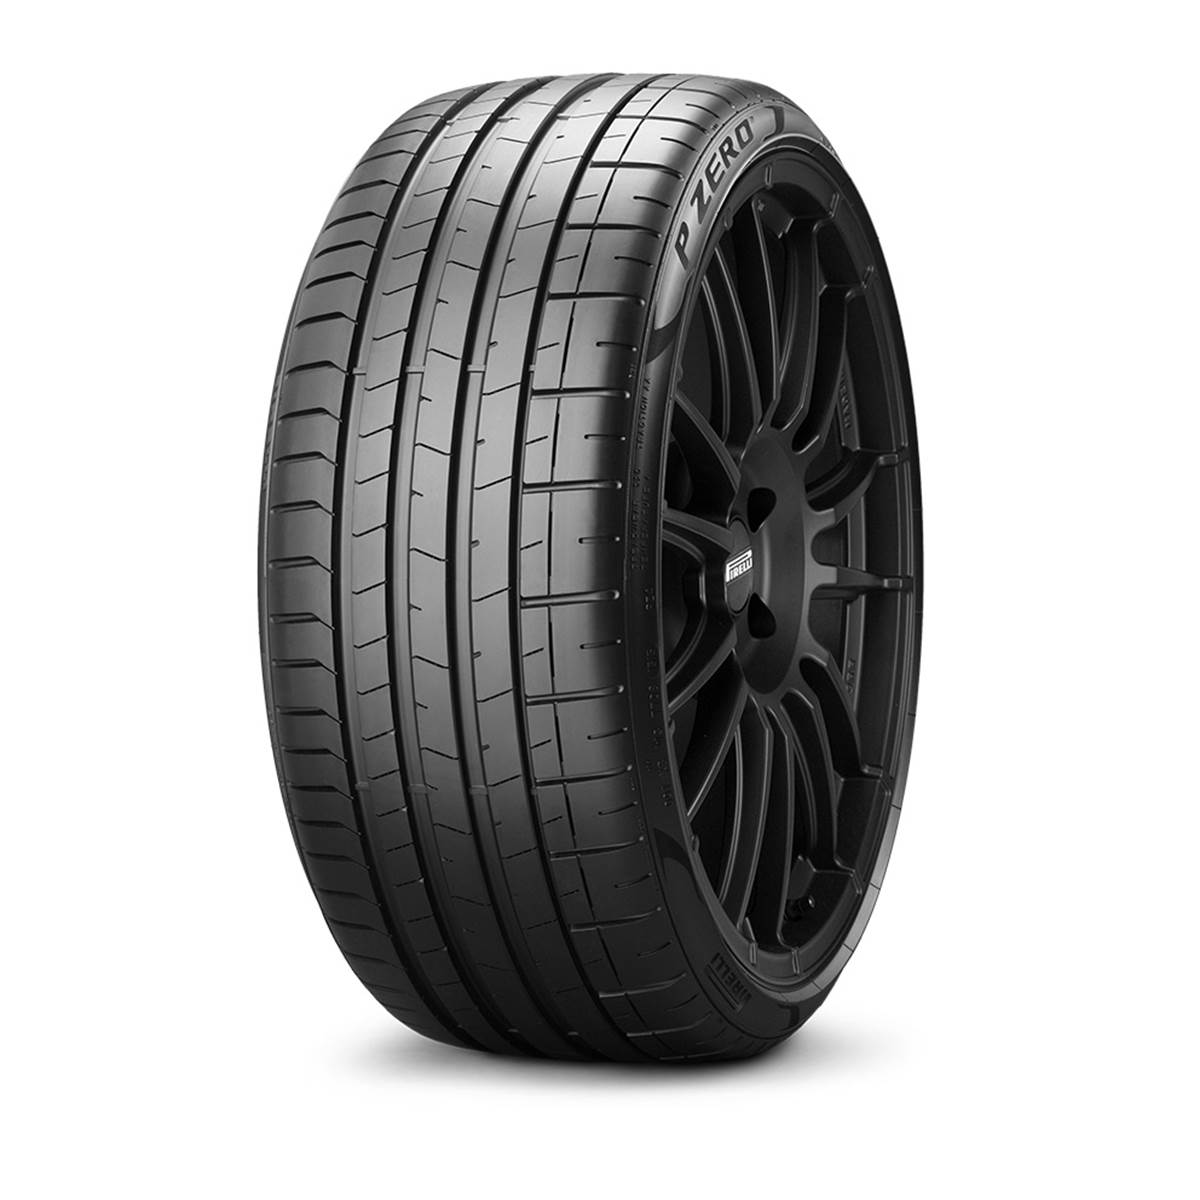 Pneu Pirelli 255/45R18 99Y Pzero